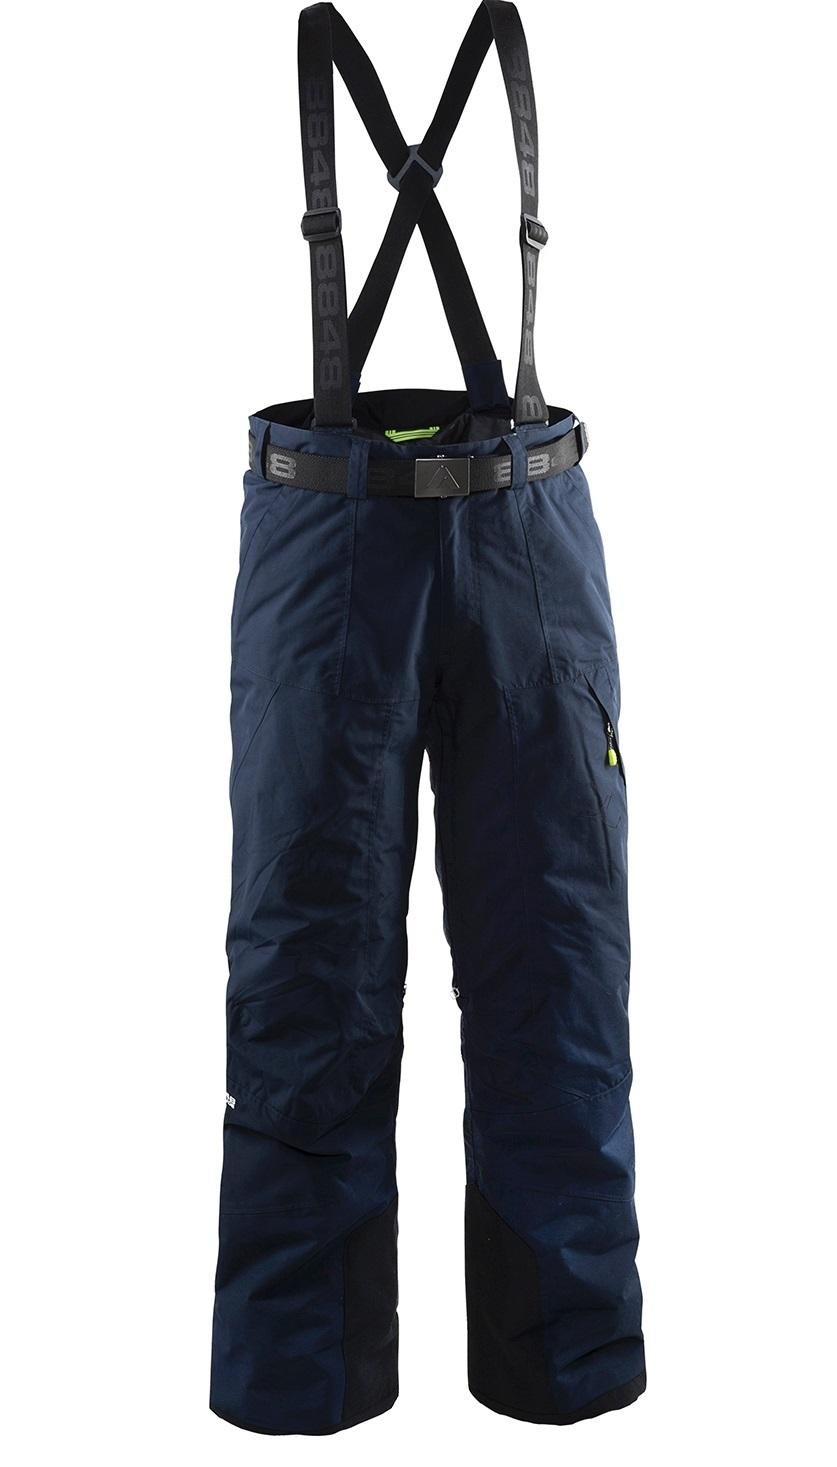 Мужские горнолыжные брюки 8848 Altitude Base 67 (702715) с подтяжками five-sport.ru